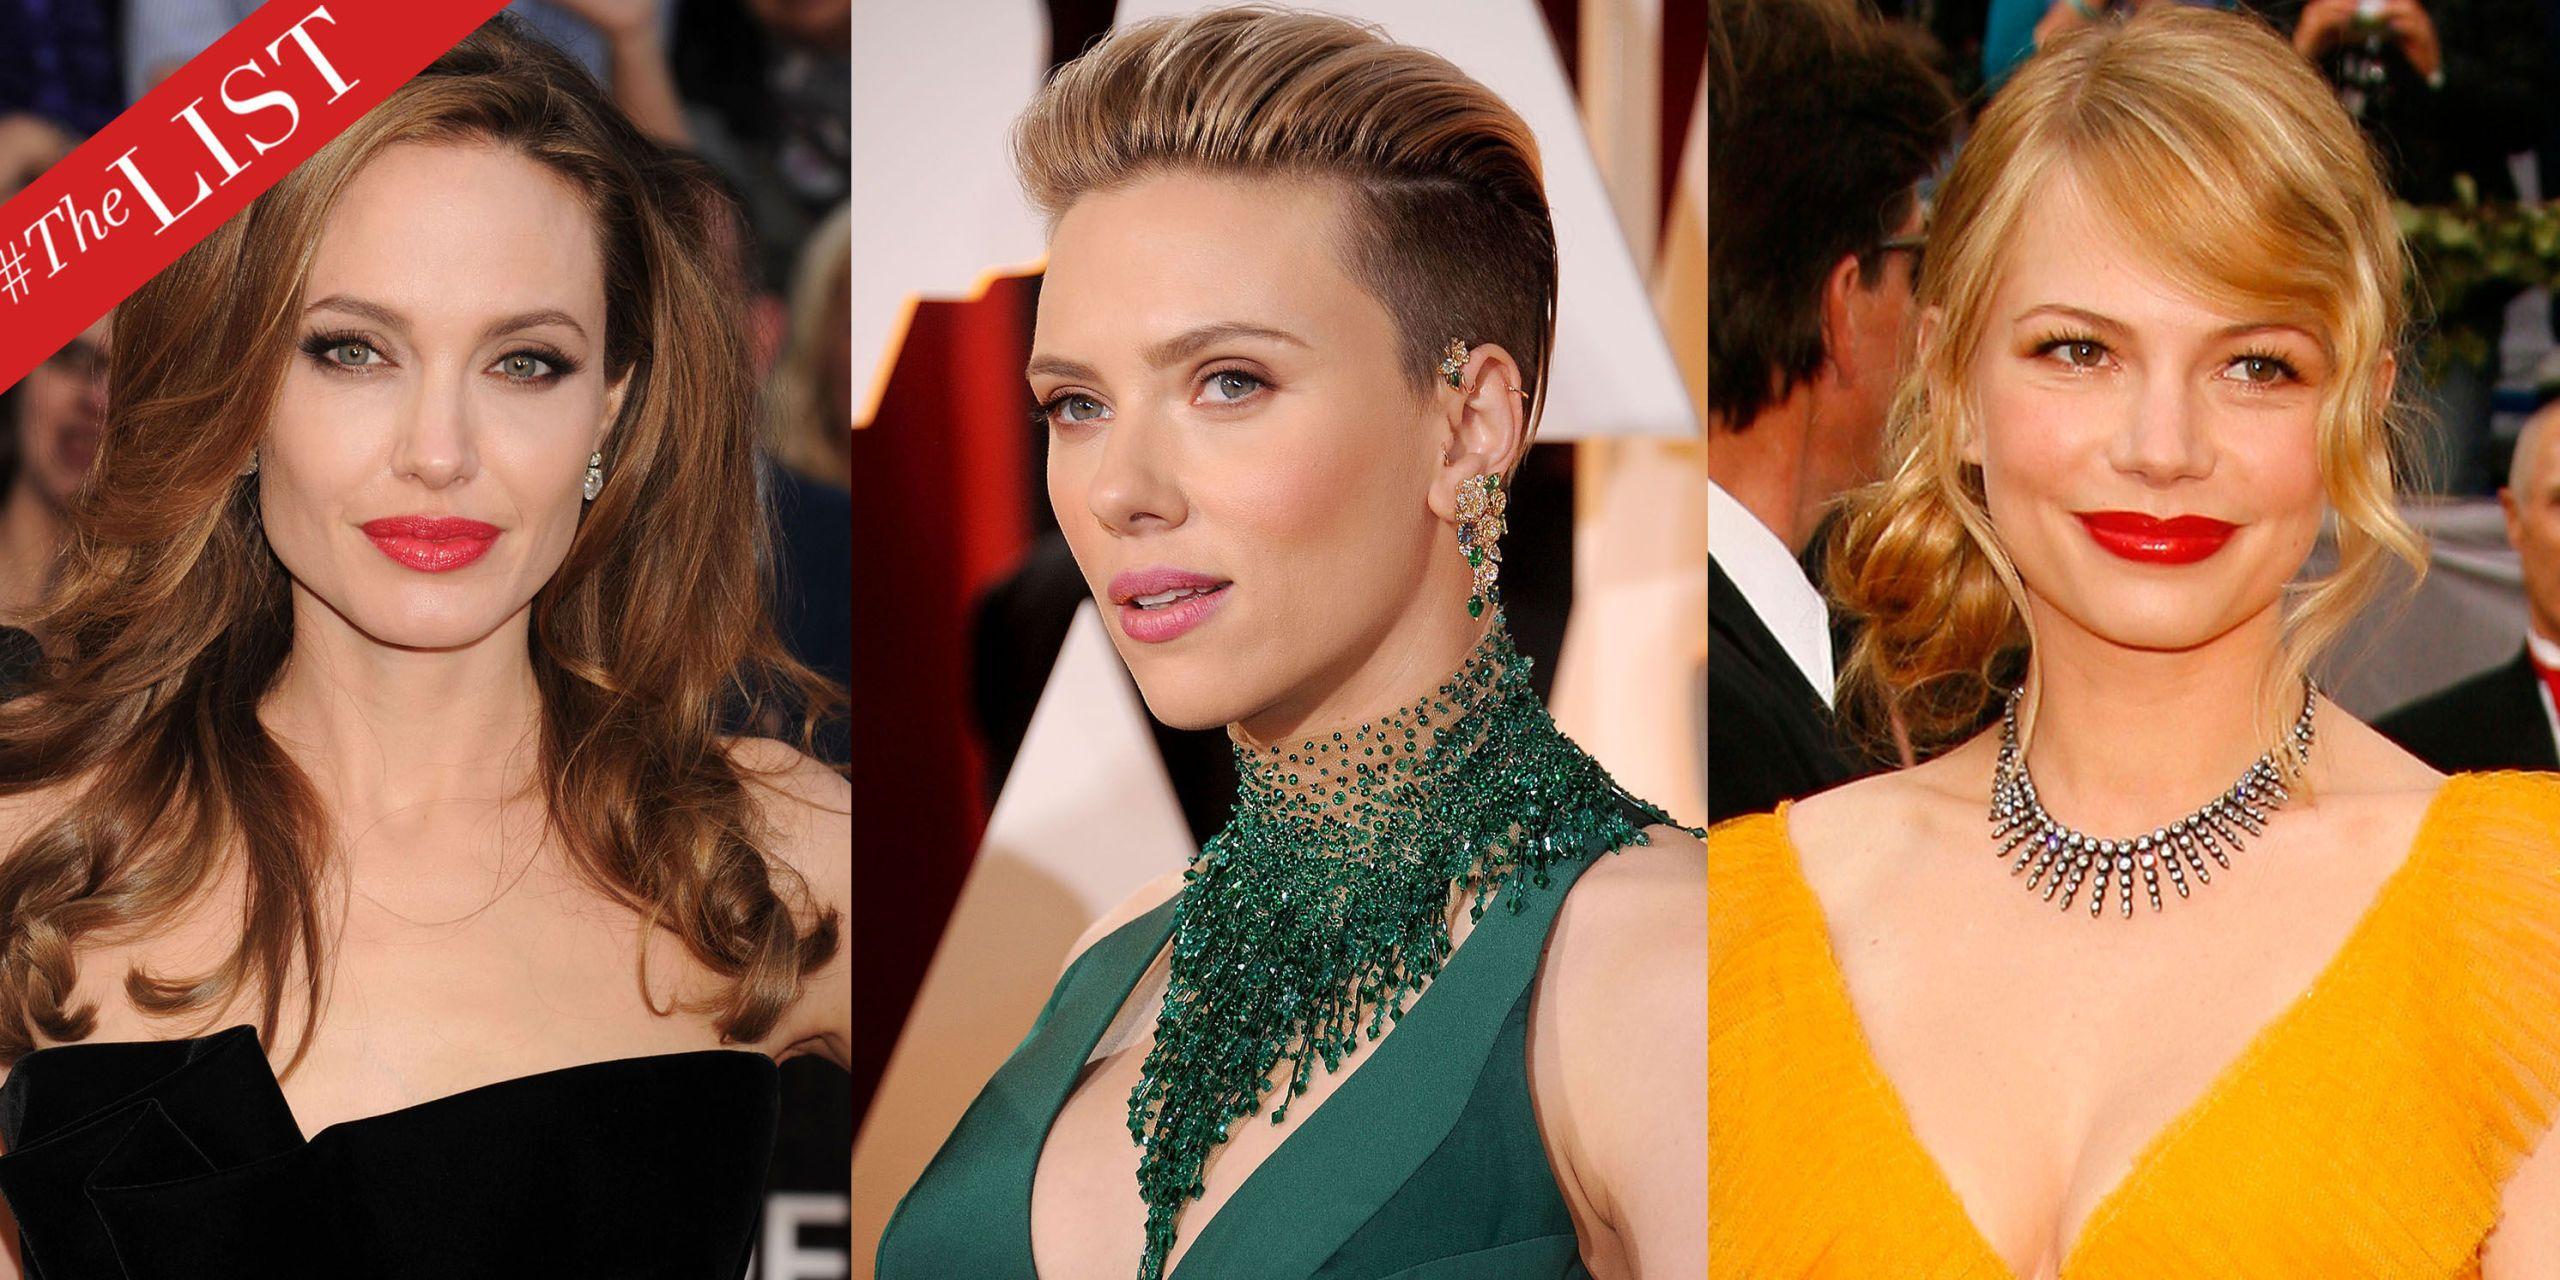 Oscar beauty winners